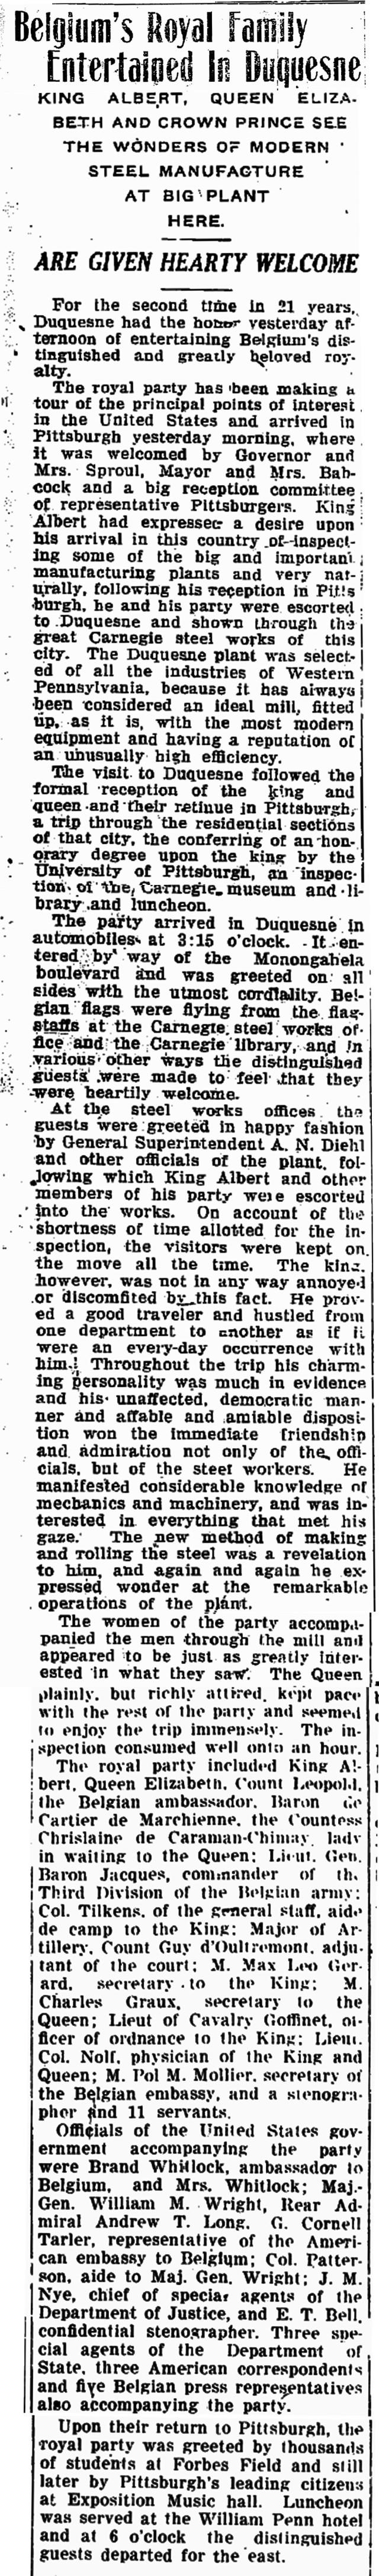 1919 King Albert Visit